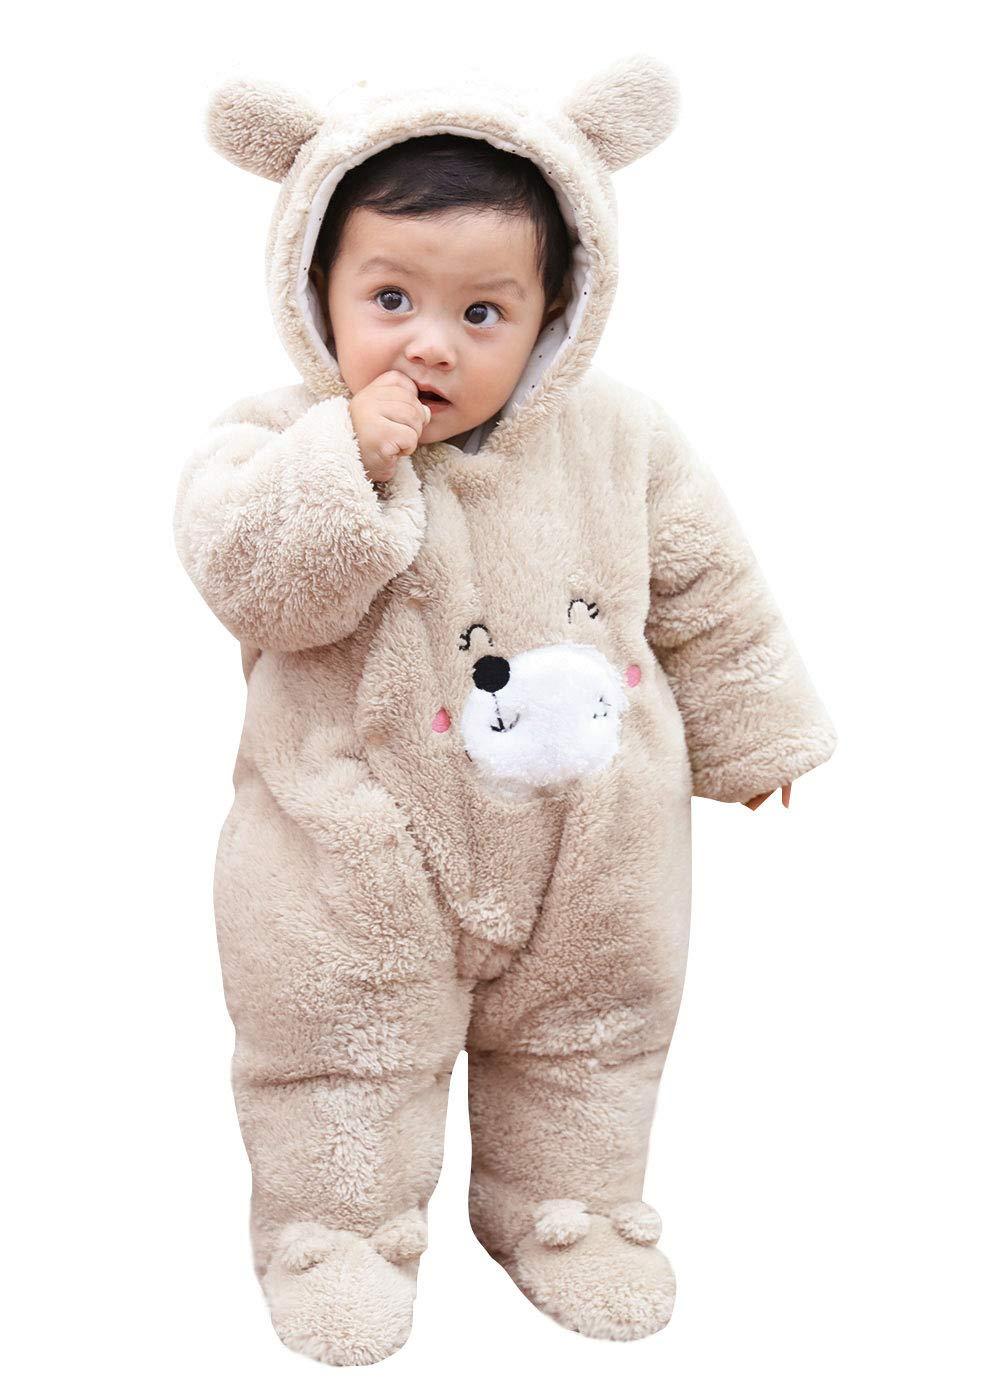 Happy Cherry Bambino Tute da Neve Cappotto unisex Cappuccio Orecchie per Bambini Pagliaccetto Pelliccia Pagliaccetto caldo Inverno Autunno Bianco 0-3 Mesi